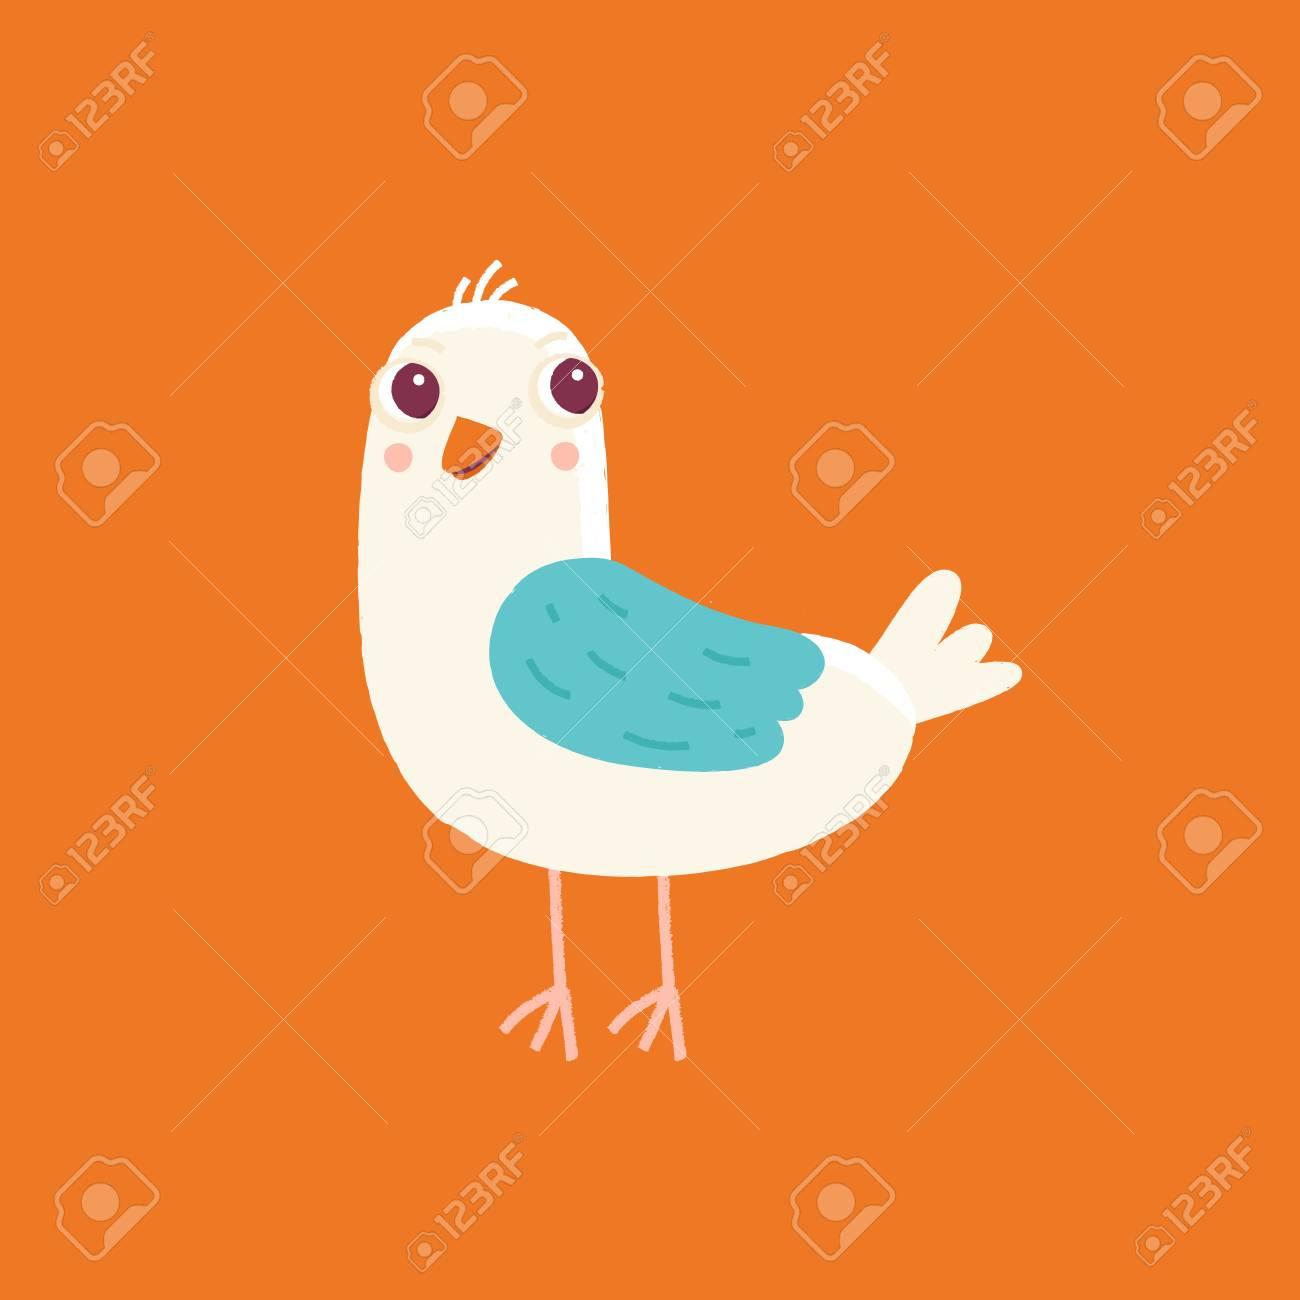 Vector Illustration De Dessin Animé Dans Un Style Enfantin Simple Avec Un  Modèle D'impression D'oiseaux - Pépinière, Élément De Conception Pour Une tout Dessin D Oiseau Simple